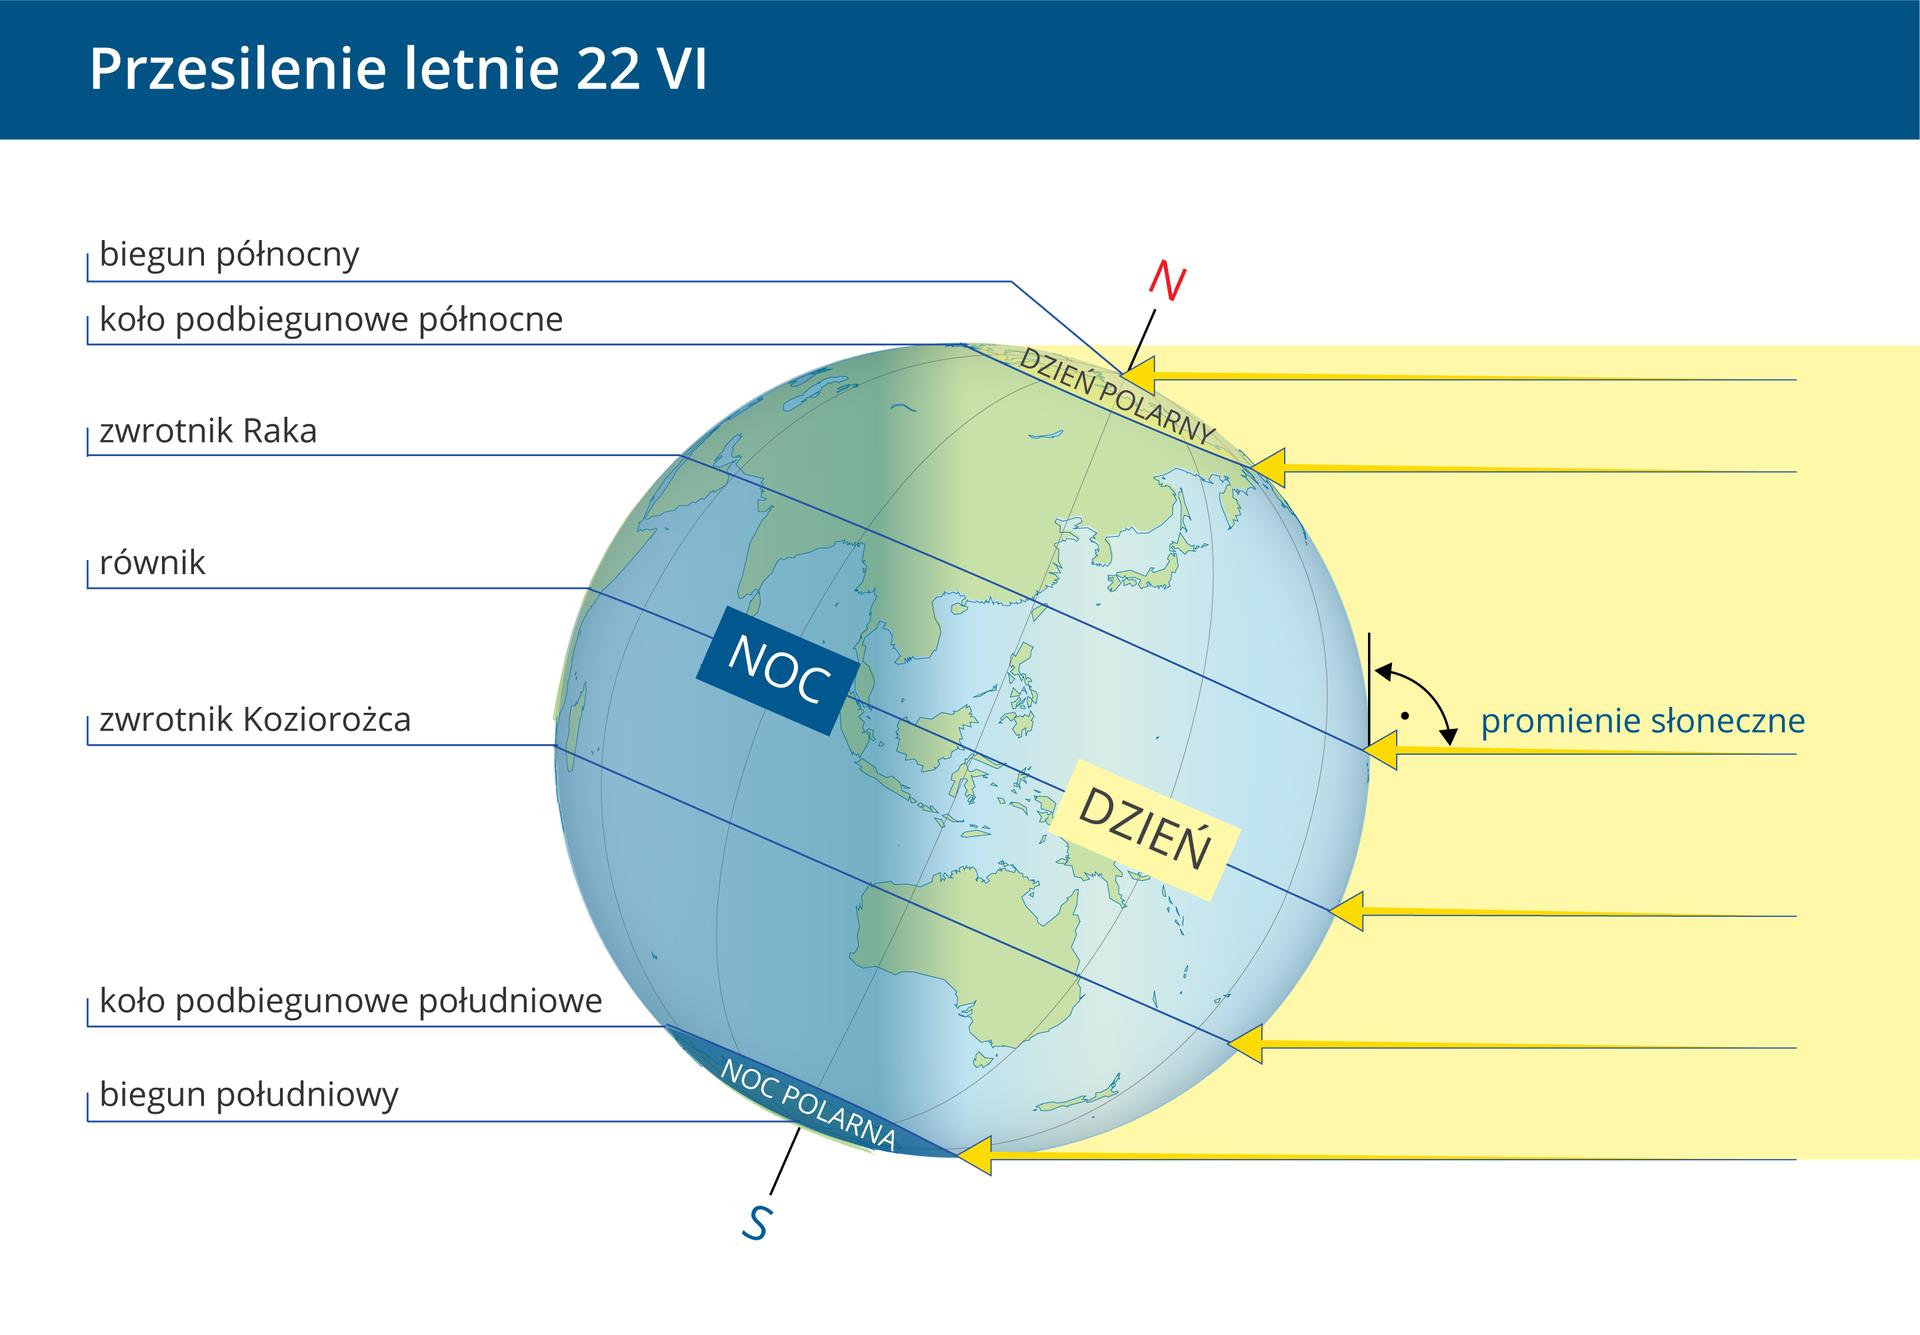 Druga ilustracja – przesilenie letnie, 22 czerwca. Kula Ziemska jest nachylona wprawo. Promienie słoneczne oświetlają zprawej strony kolejno: biegun północny, koło podbiegunowe północne, zwrotnik Raka, równik, zwrotnik Koziorożca, koło podbiegunowe południowe. Na zwrotnik Raka promienie padają pod katem prostym.